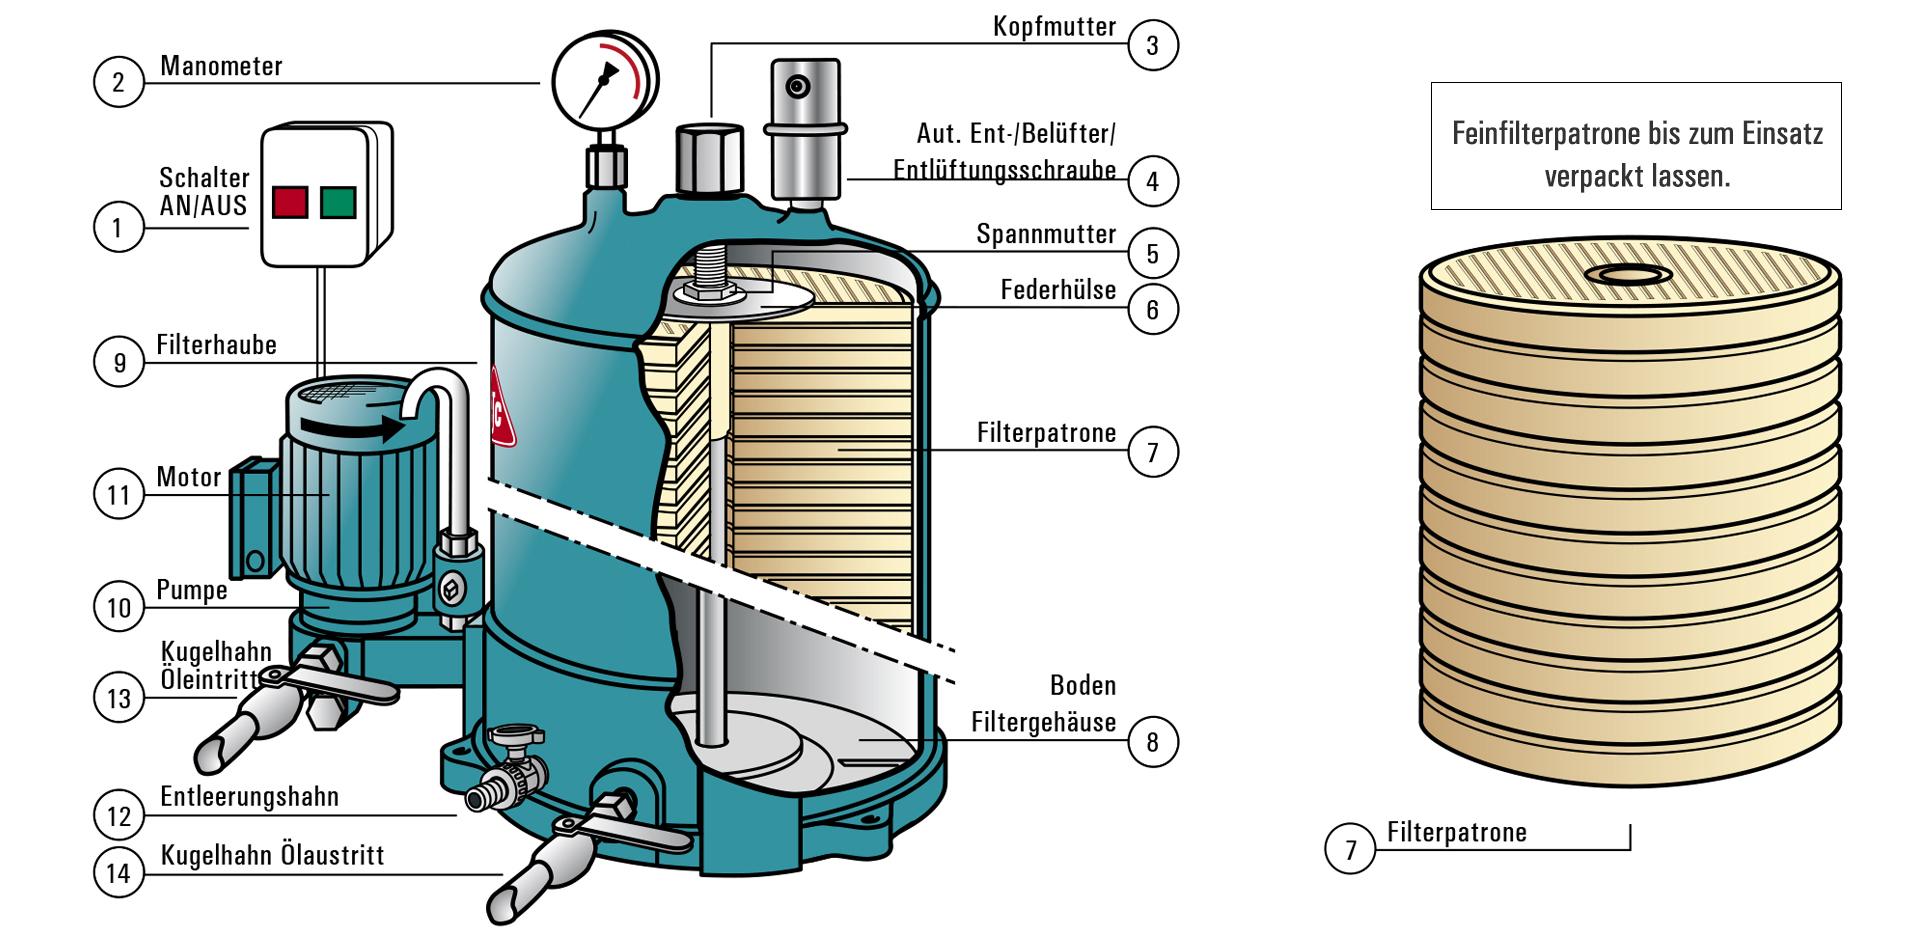 HDU 27/27, Schnittansicht, Filterpatronenwechsel